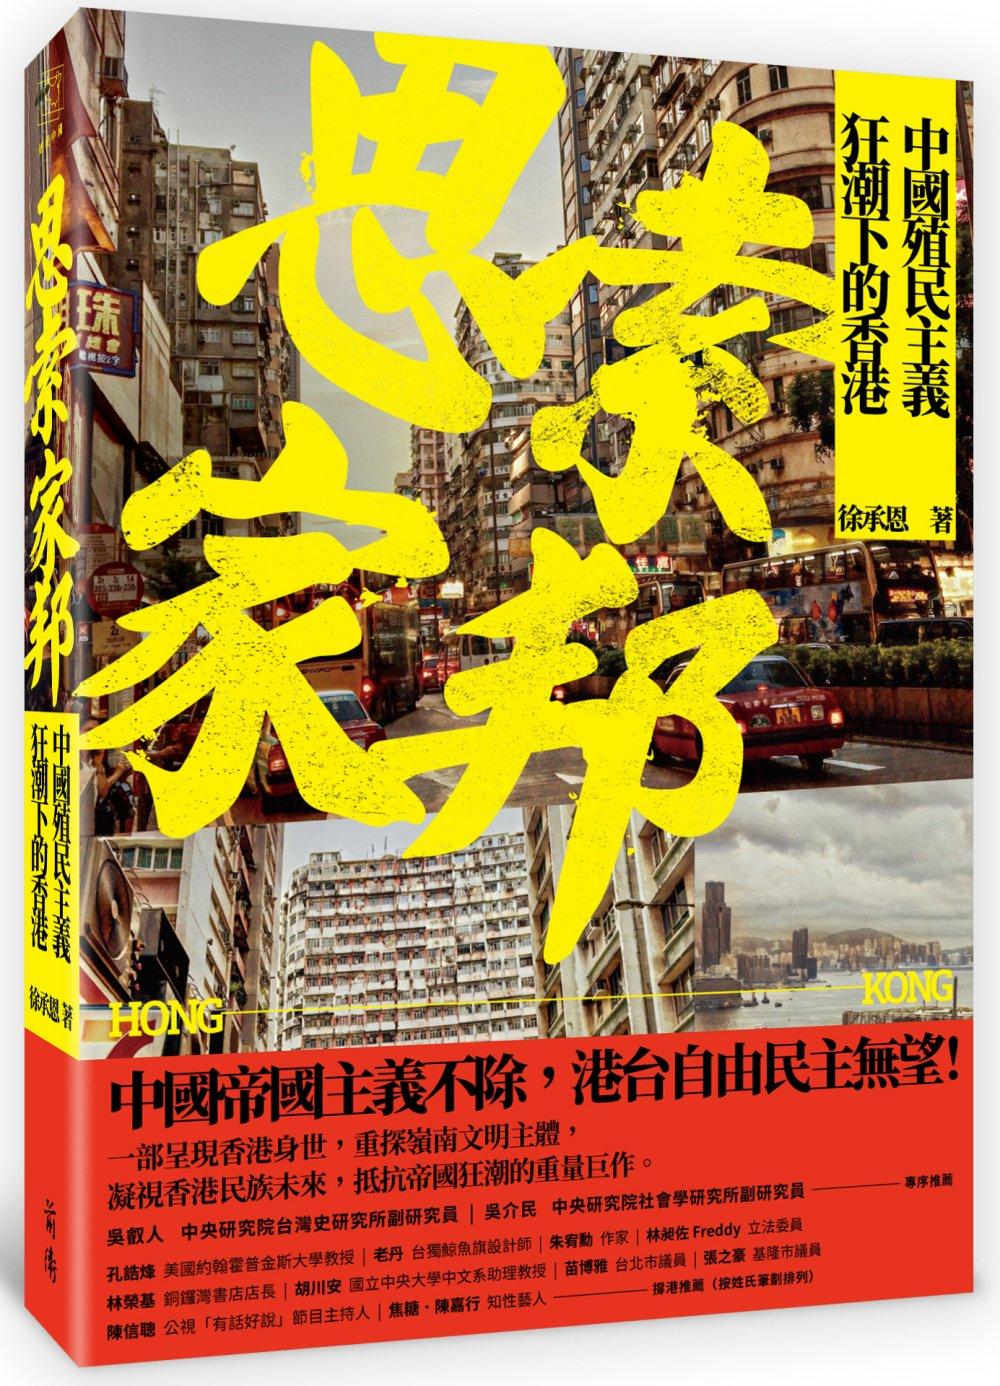 思索家邦:中國殖民主義狂潮下的香港